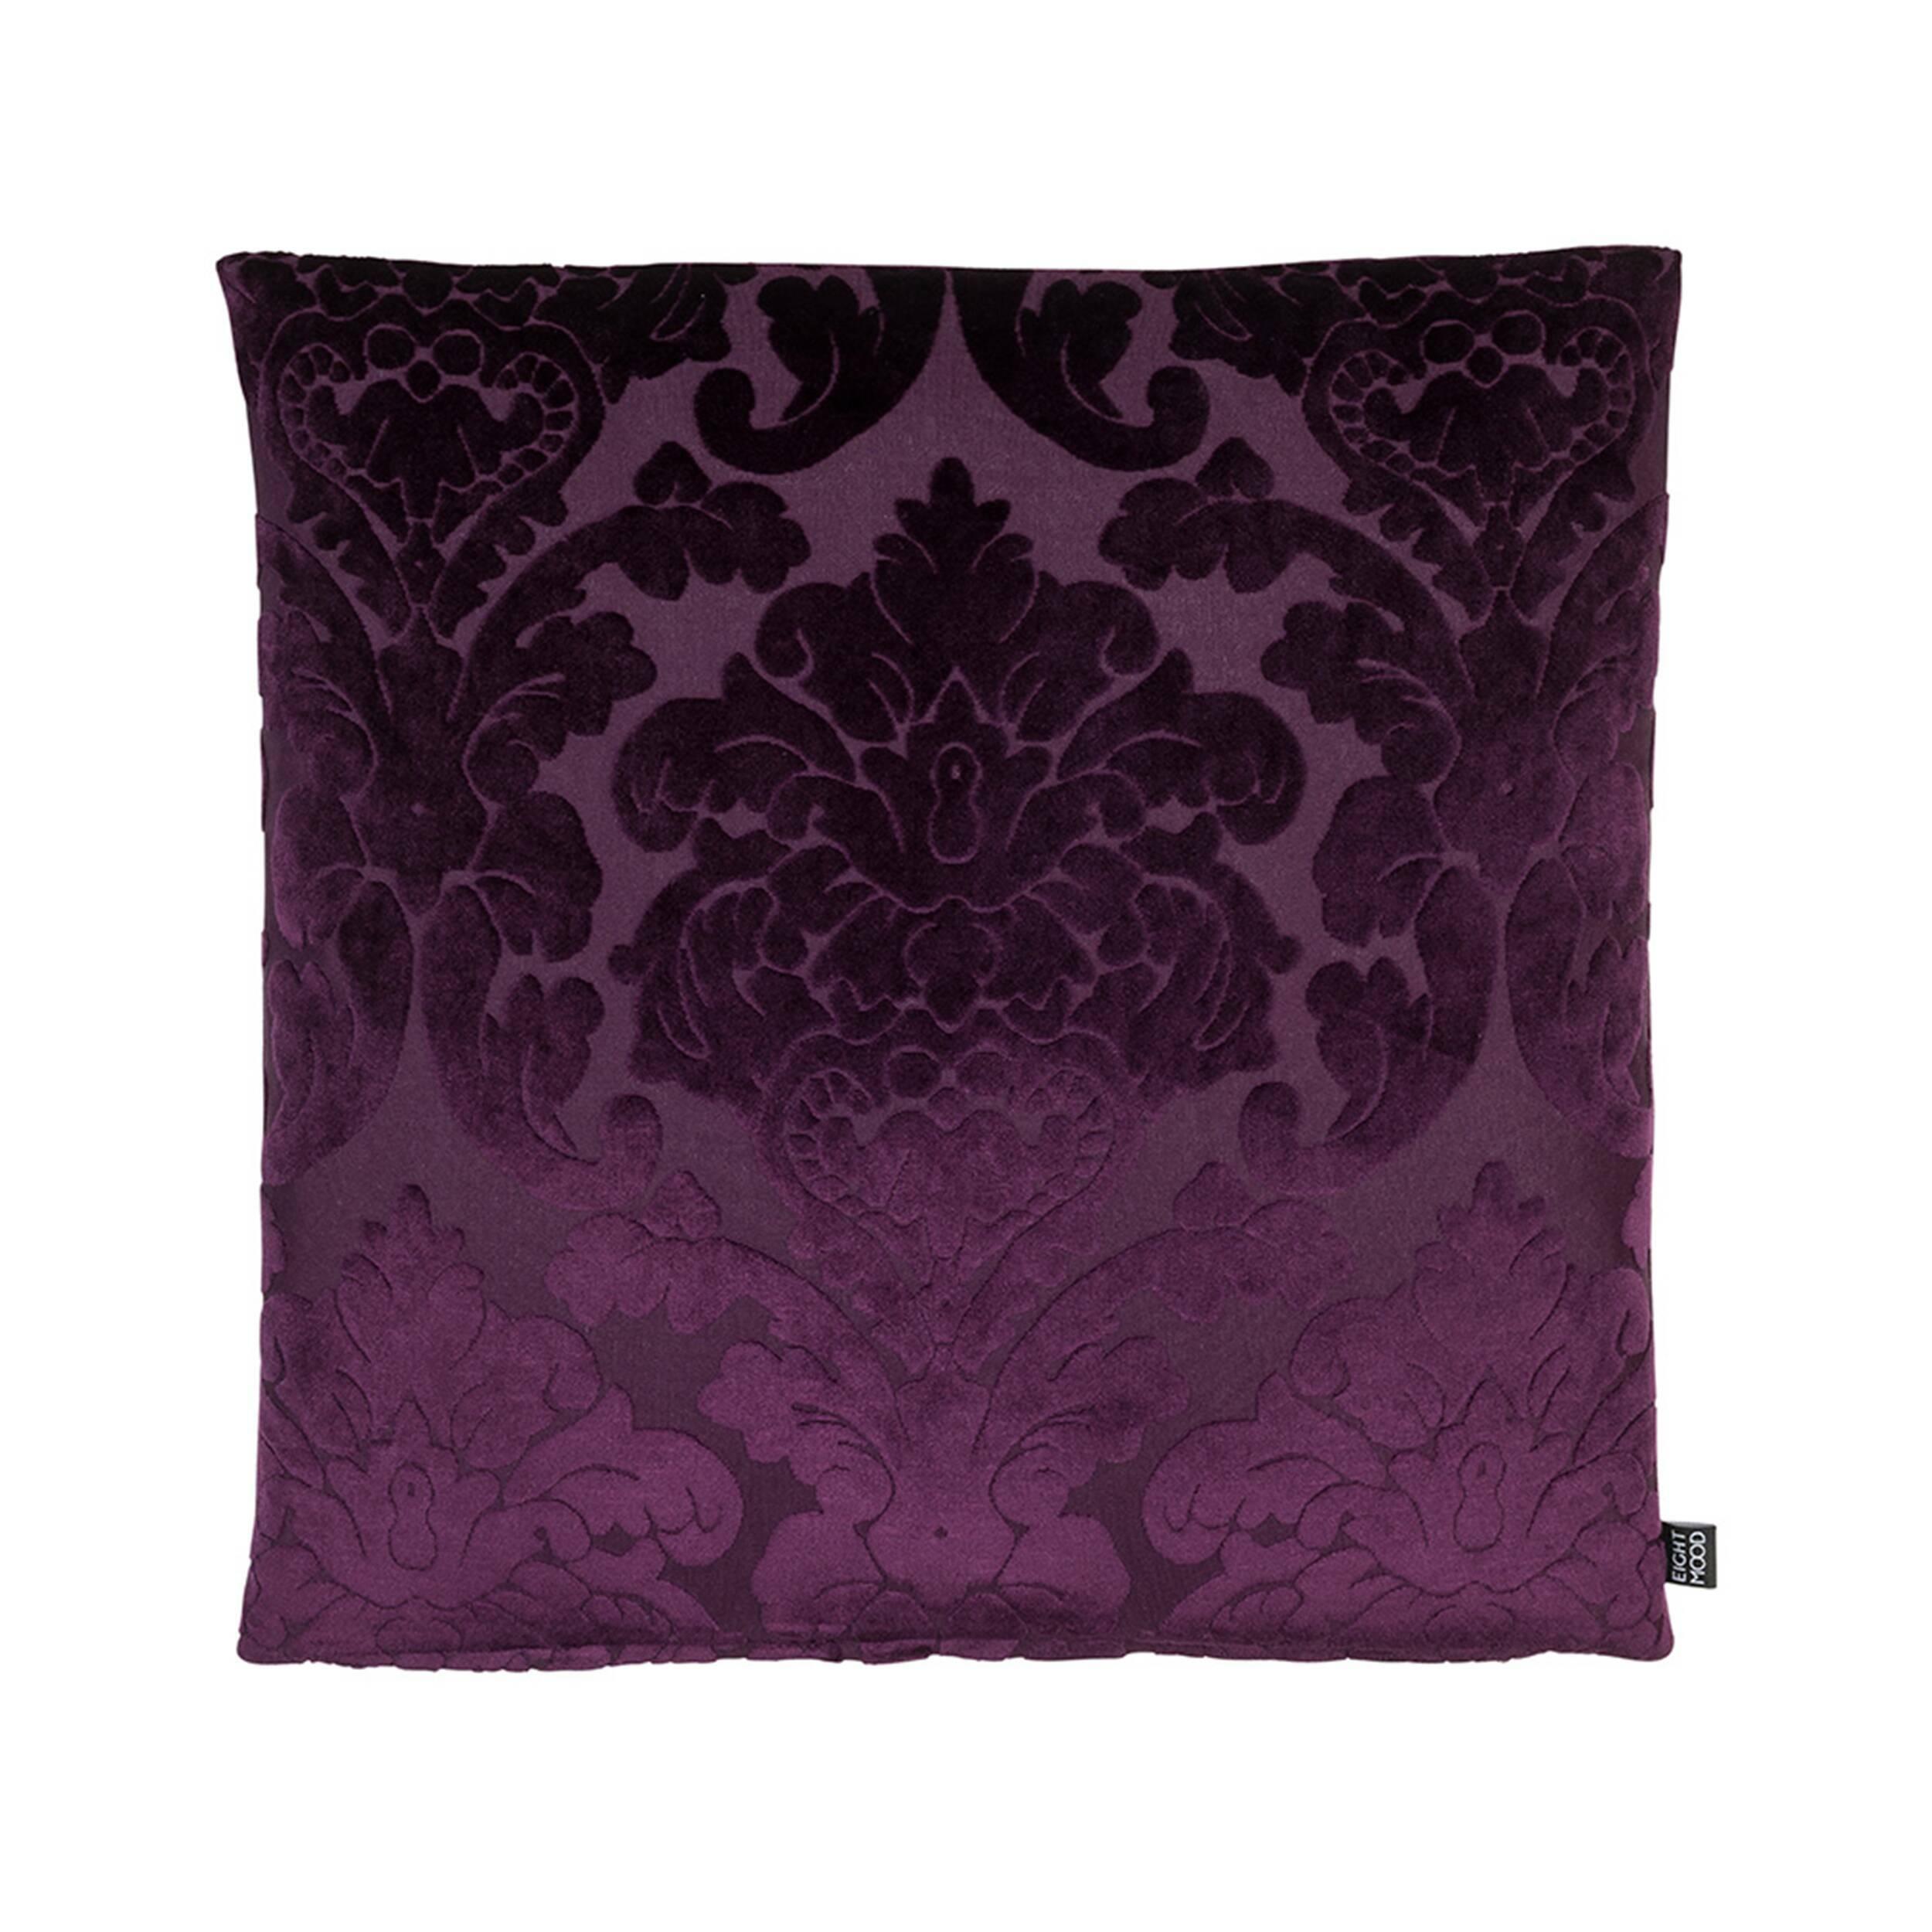 Купить Декоративная подушка CHATEAU (01025093534), Cosmo, Фиолетовый, бархат, перо